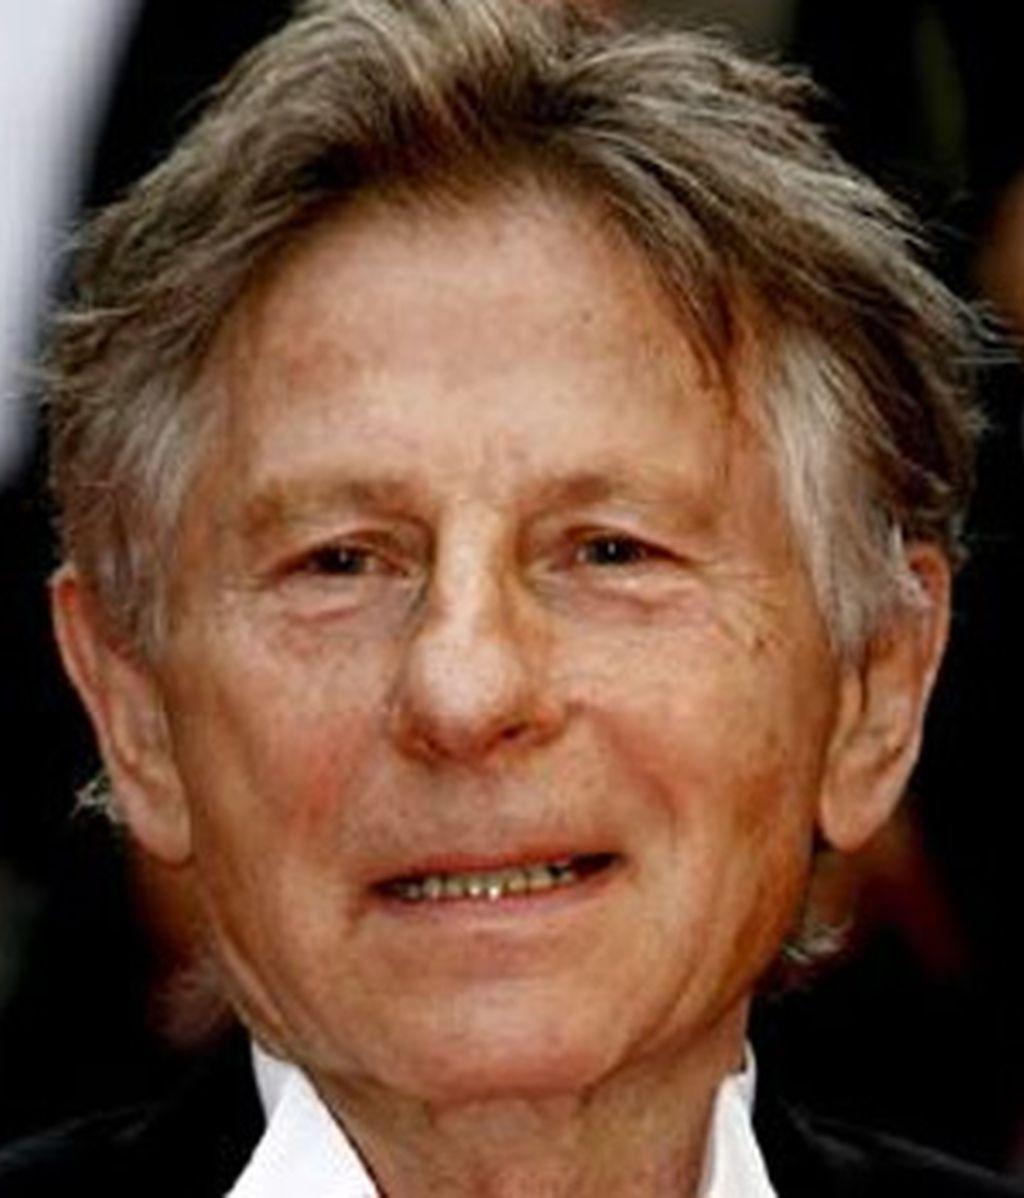 Suiza rechaza extraditar al director Roman Polanski y levanta el arresto domiciliario. Foto archivo EFE